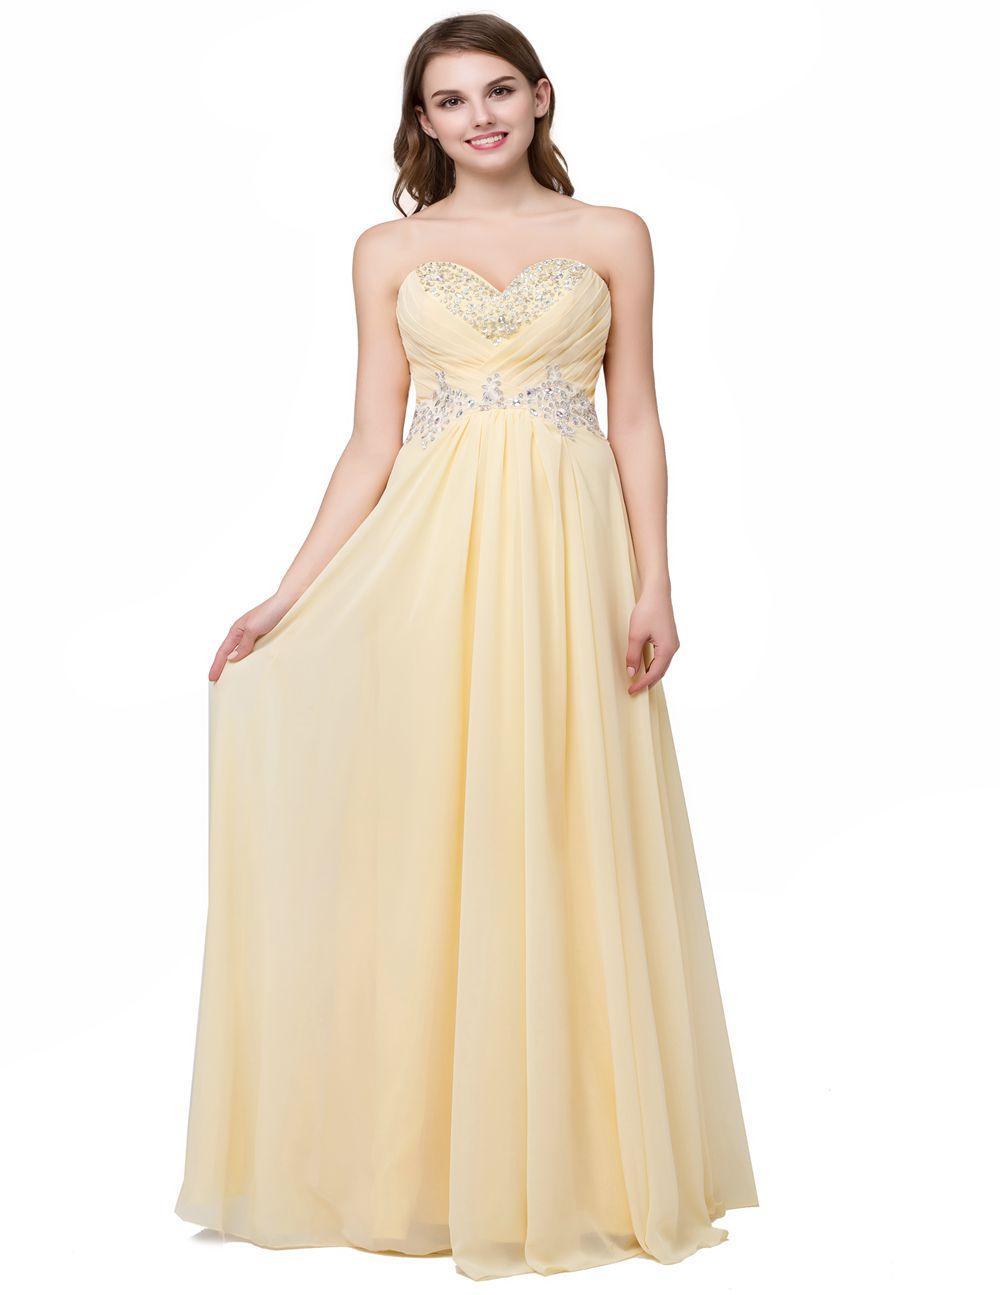 Cheap Plus Size Bridesmaid Dresses Under 50 – DACC